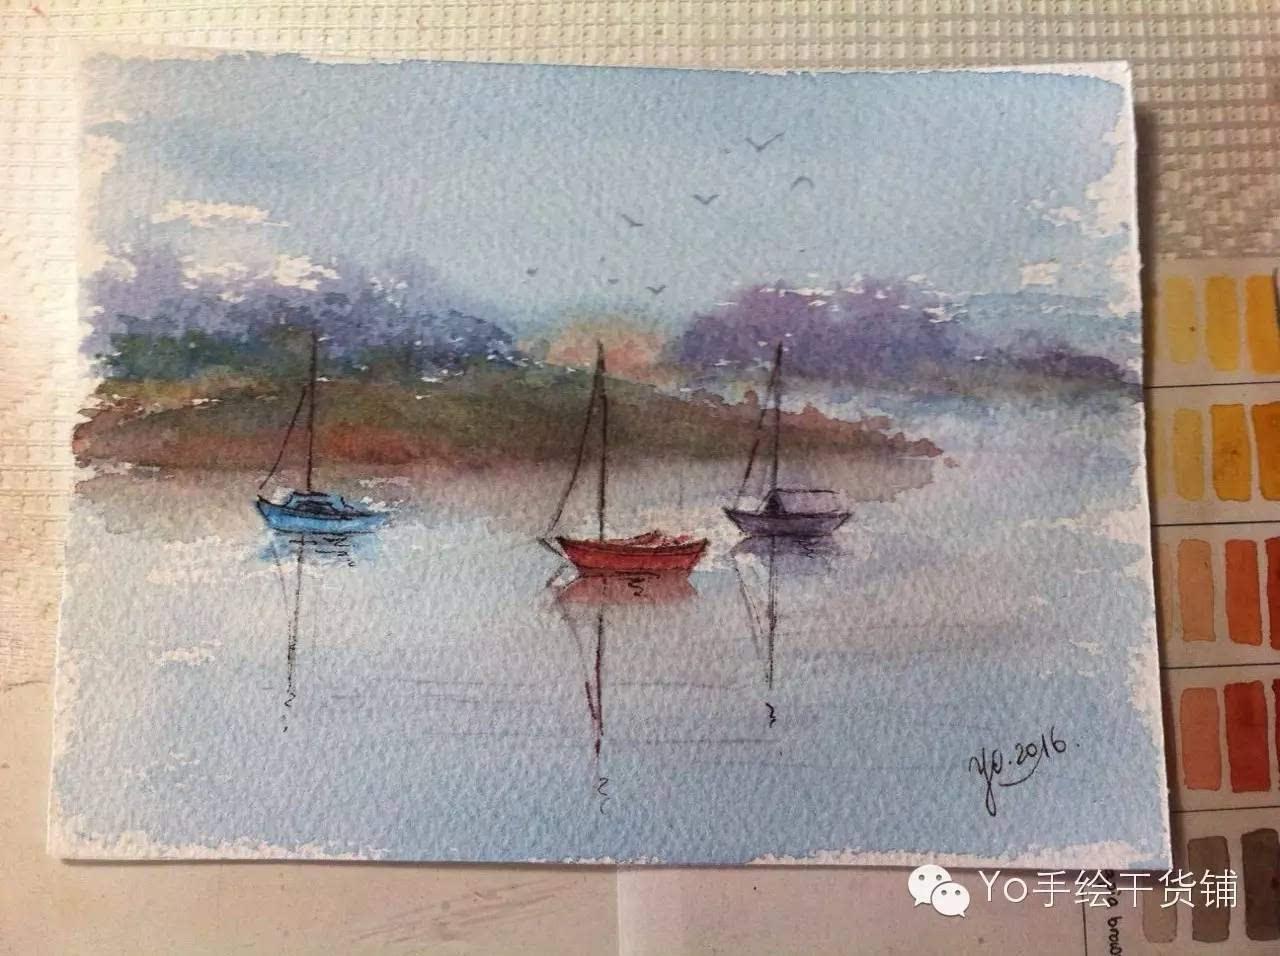 水粉淡彩画_水彩画图片简单步骤-水彩画风景简单步骤|水彩画教程步骤图片